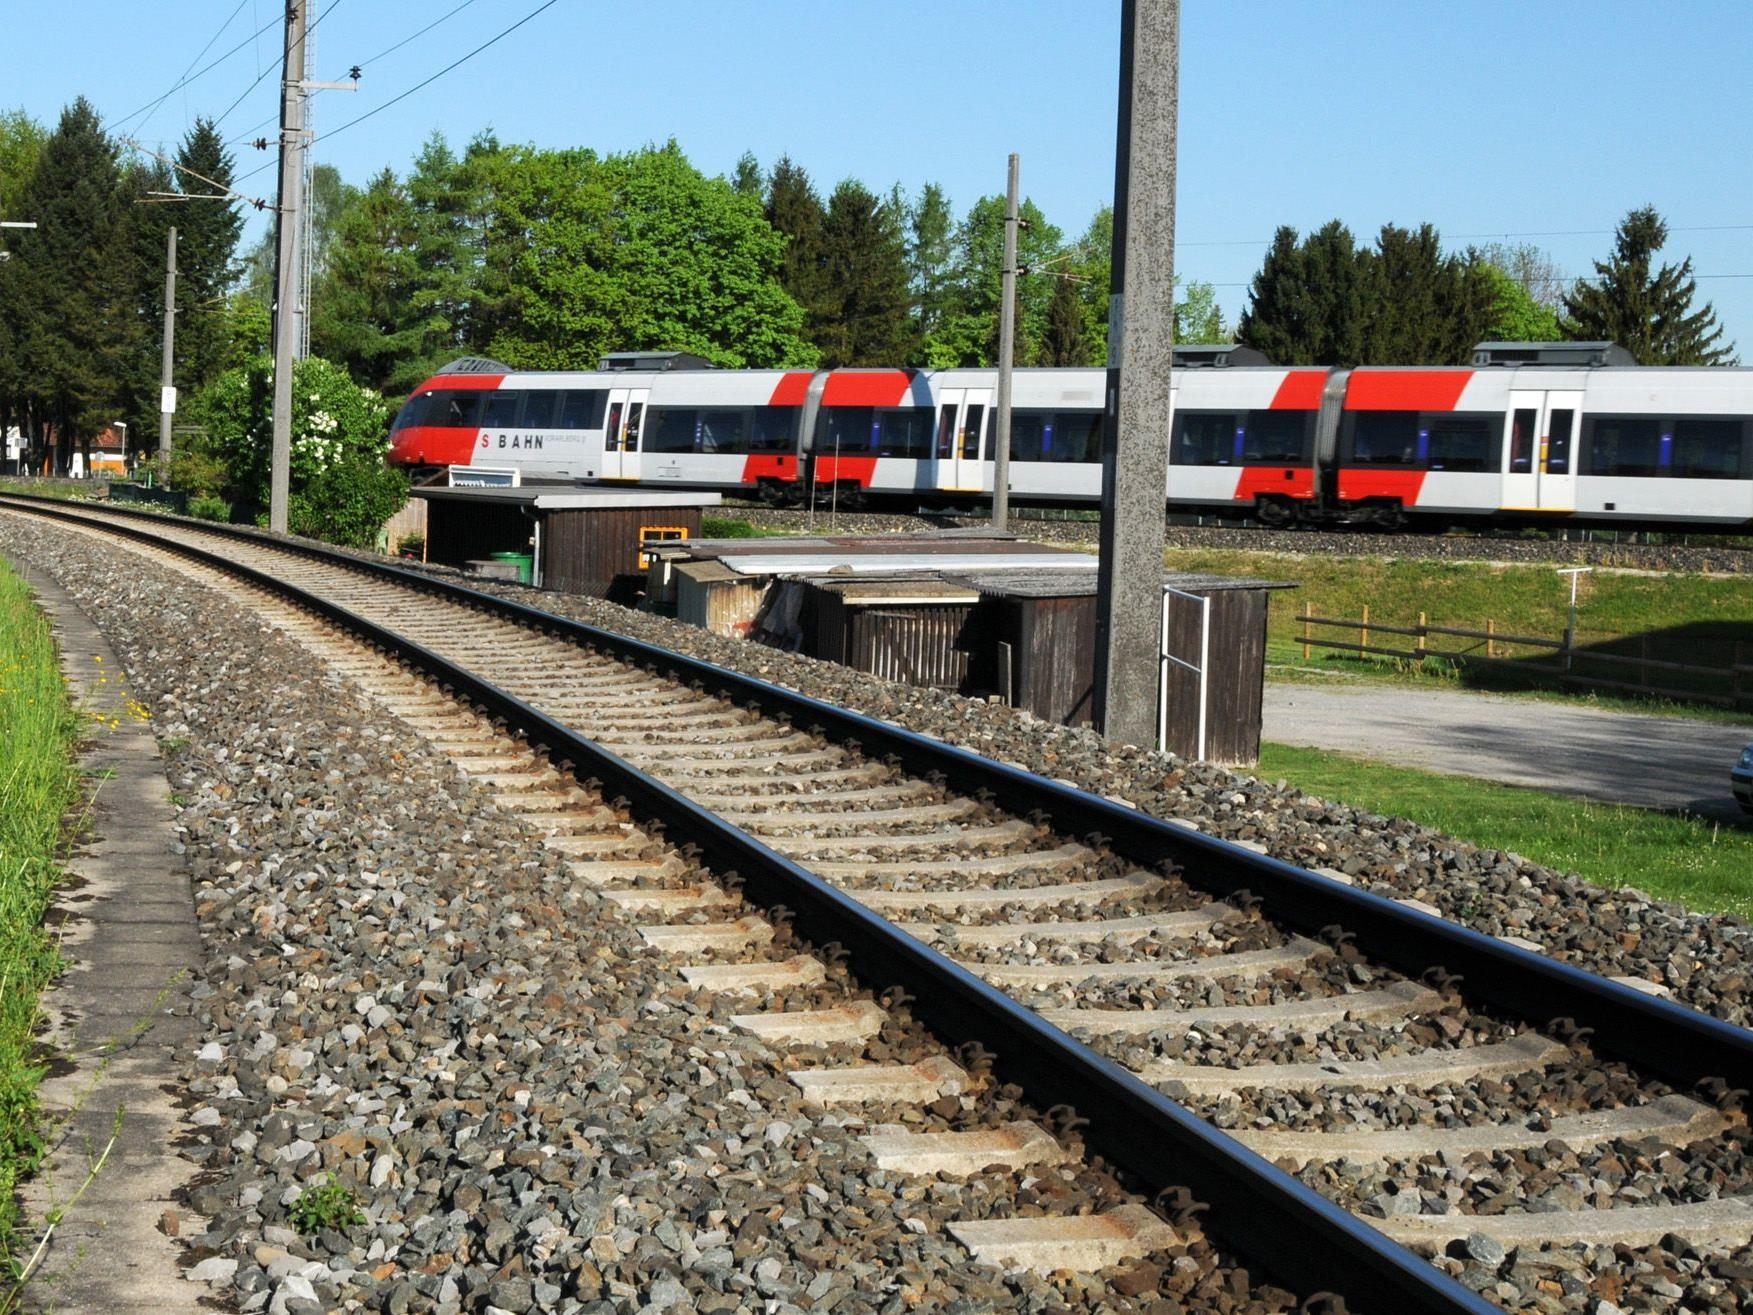 Die S-Bahn fährt von Bregenz nach Lustenau, das Gleis vorne bleibt beinah ungenutzt.